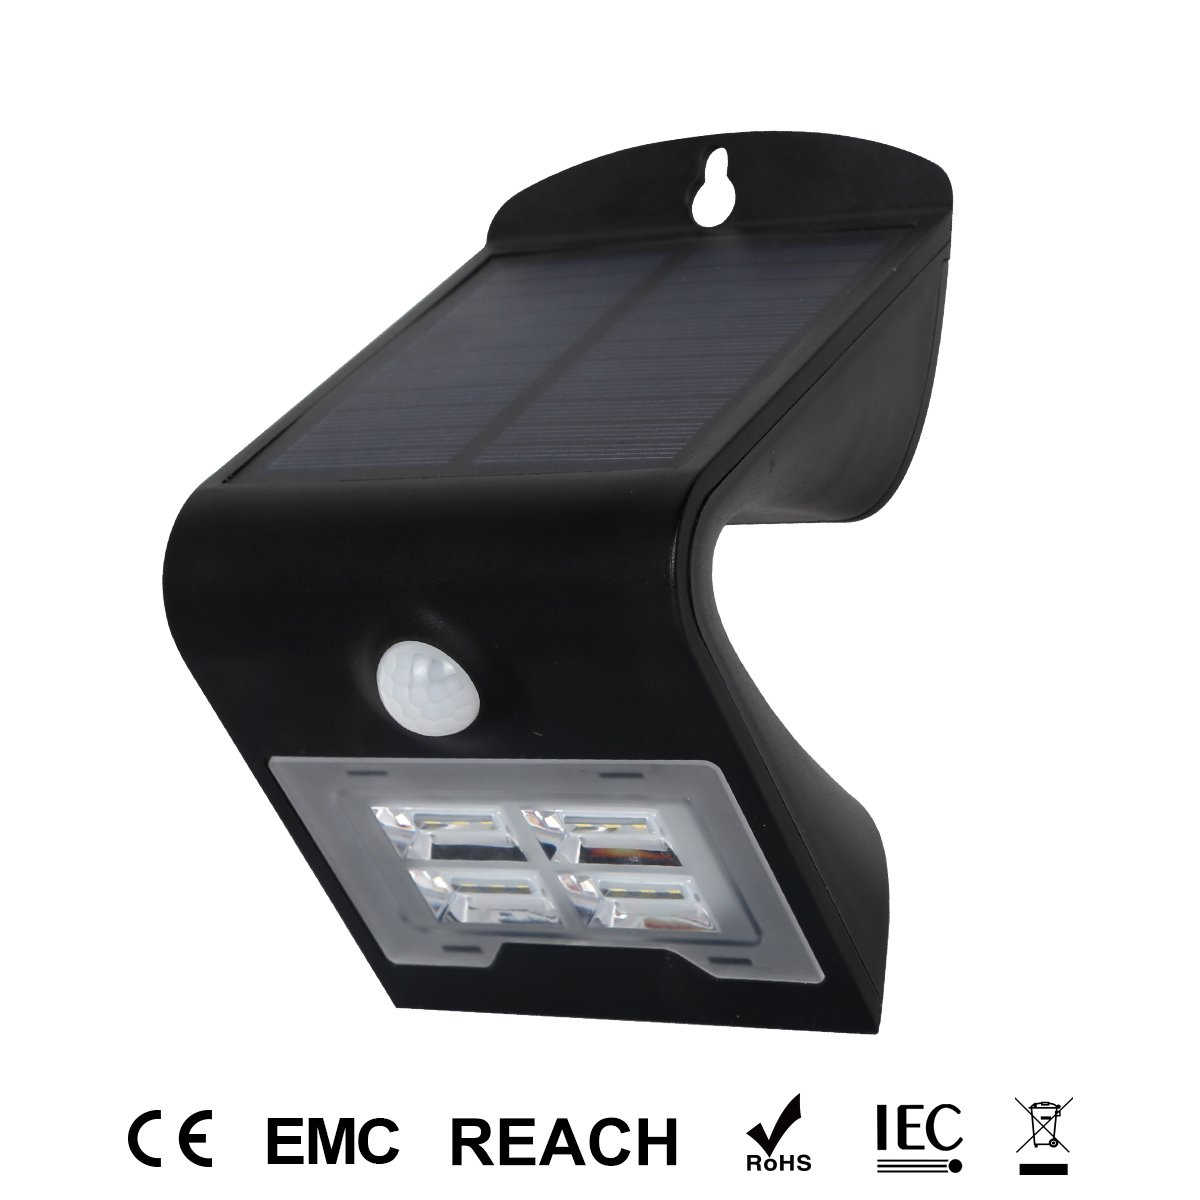 honesteast LEDソーラーライトアウトドア、超明るいモーションセンサーワイヤレス防水壁ライトプラスチックレンズ付き、セキュリティライト、自動on / off、anti-thelfインストール、ブラック( 1パック) B0798F62S2, PEEWEE BABY:461d80de --- adfun.jp